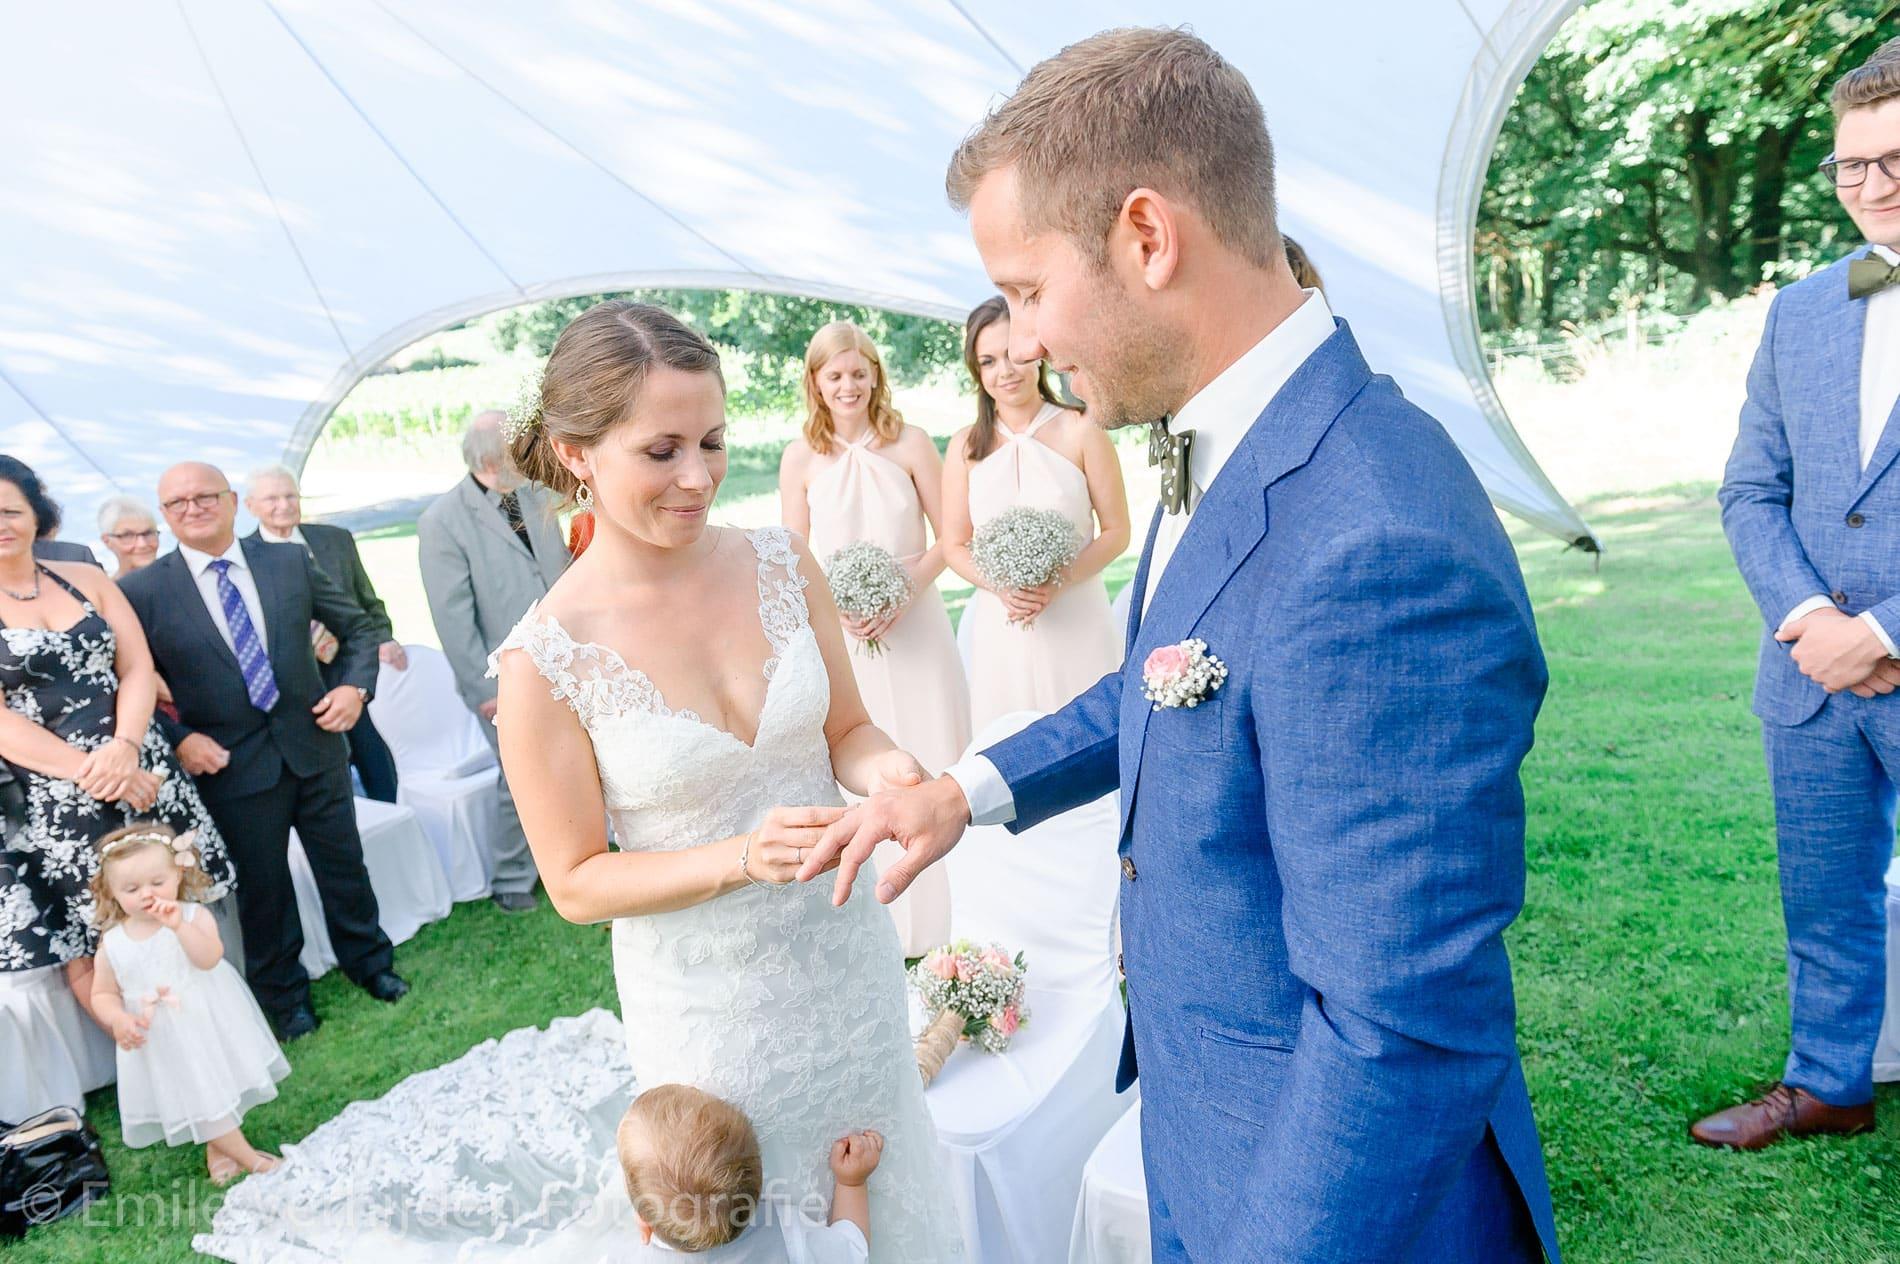 De ring wordt omgeschoven- Bruidsfotografie Winselerhof Landgraaf - Kerkrade